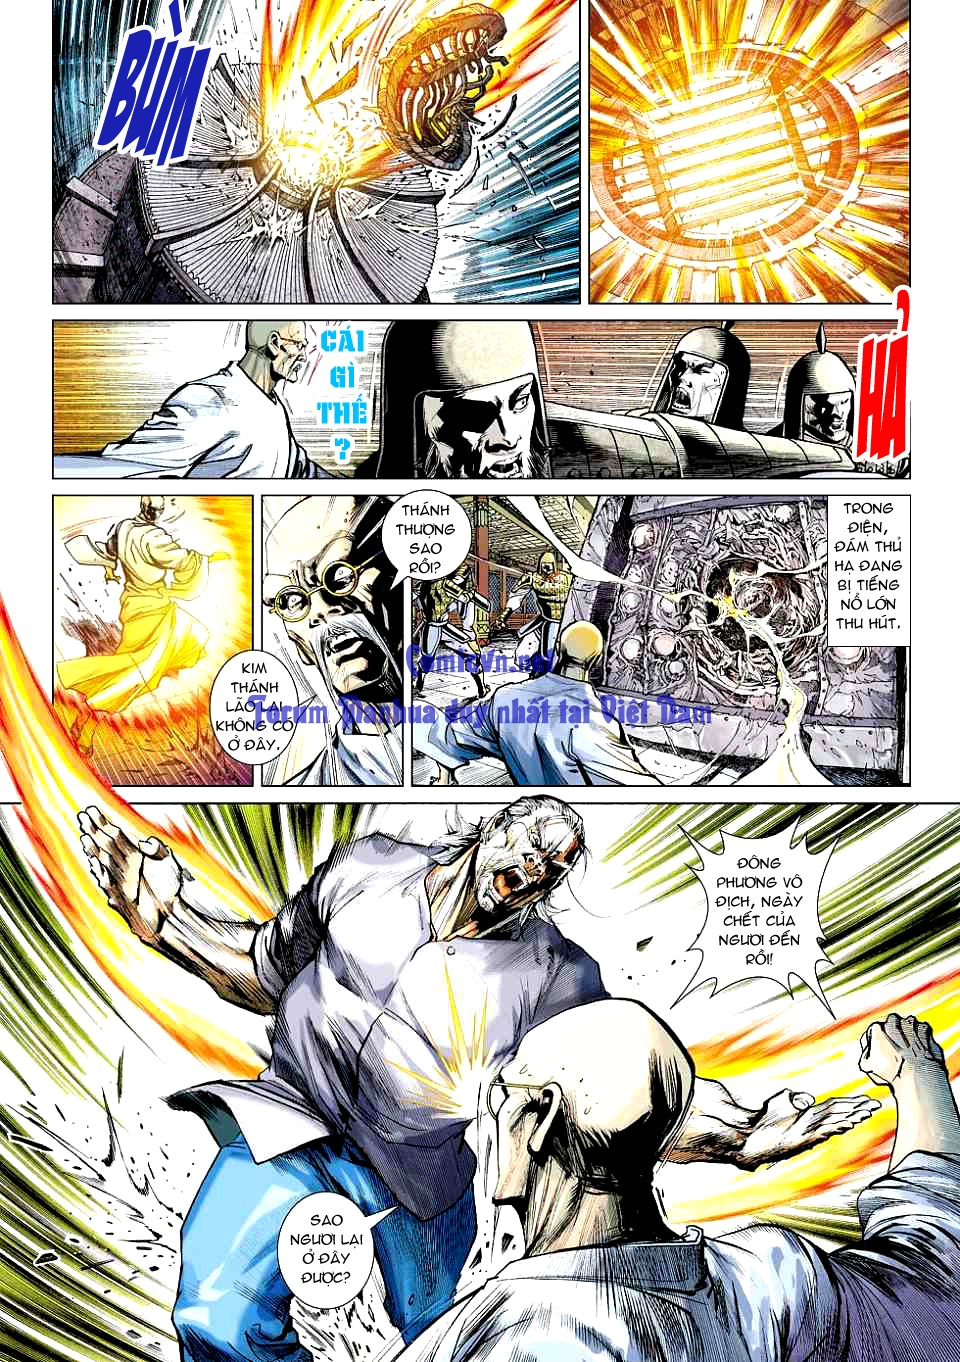 Vương Phong Lôi 1 chap 12 - Trang 7